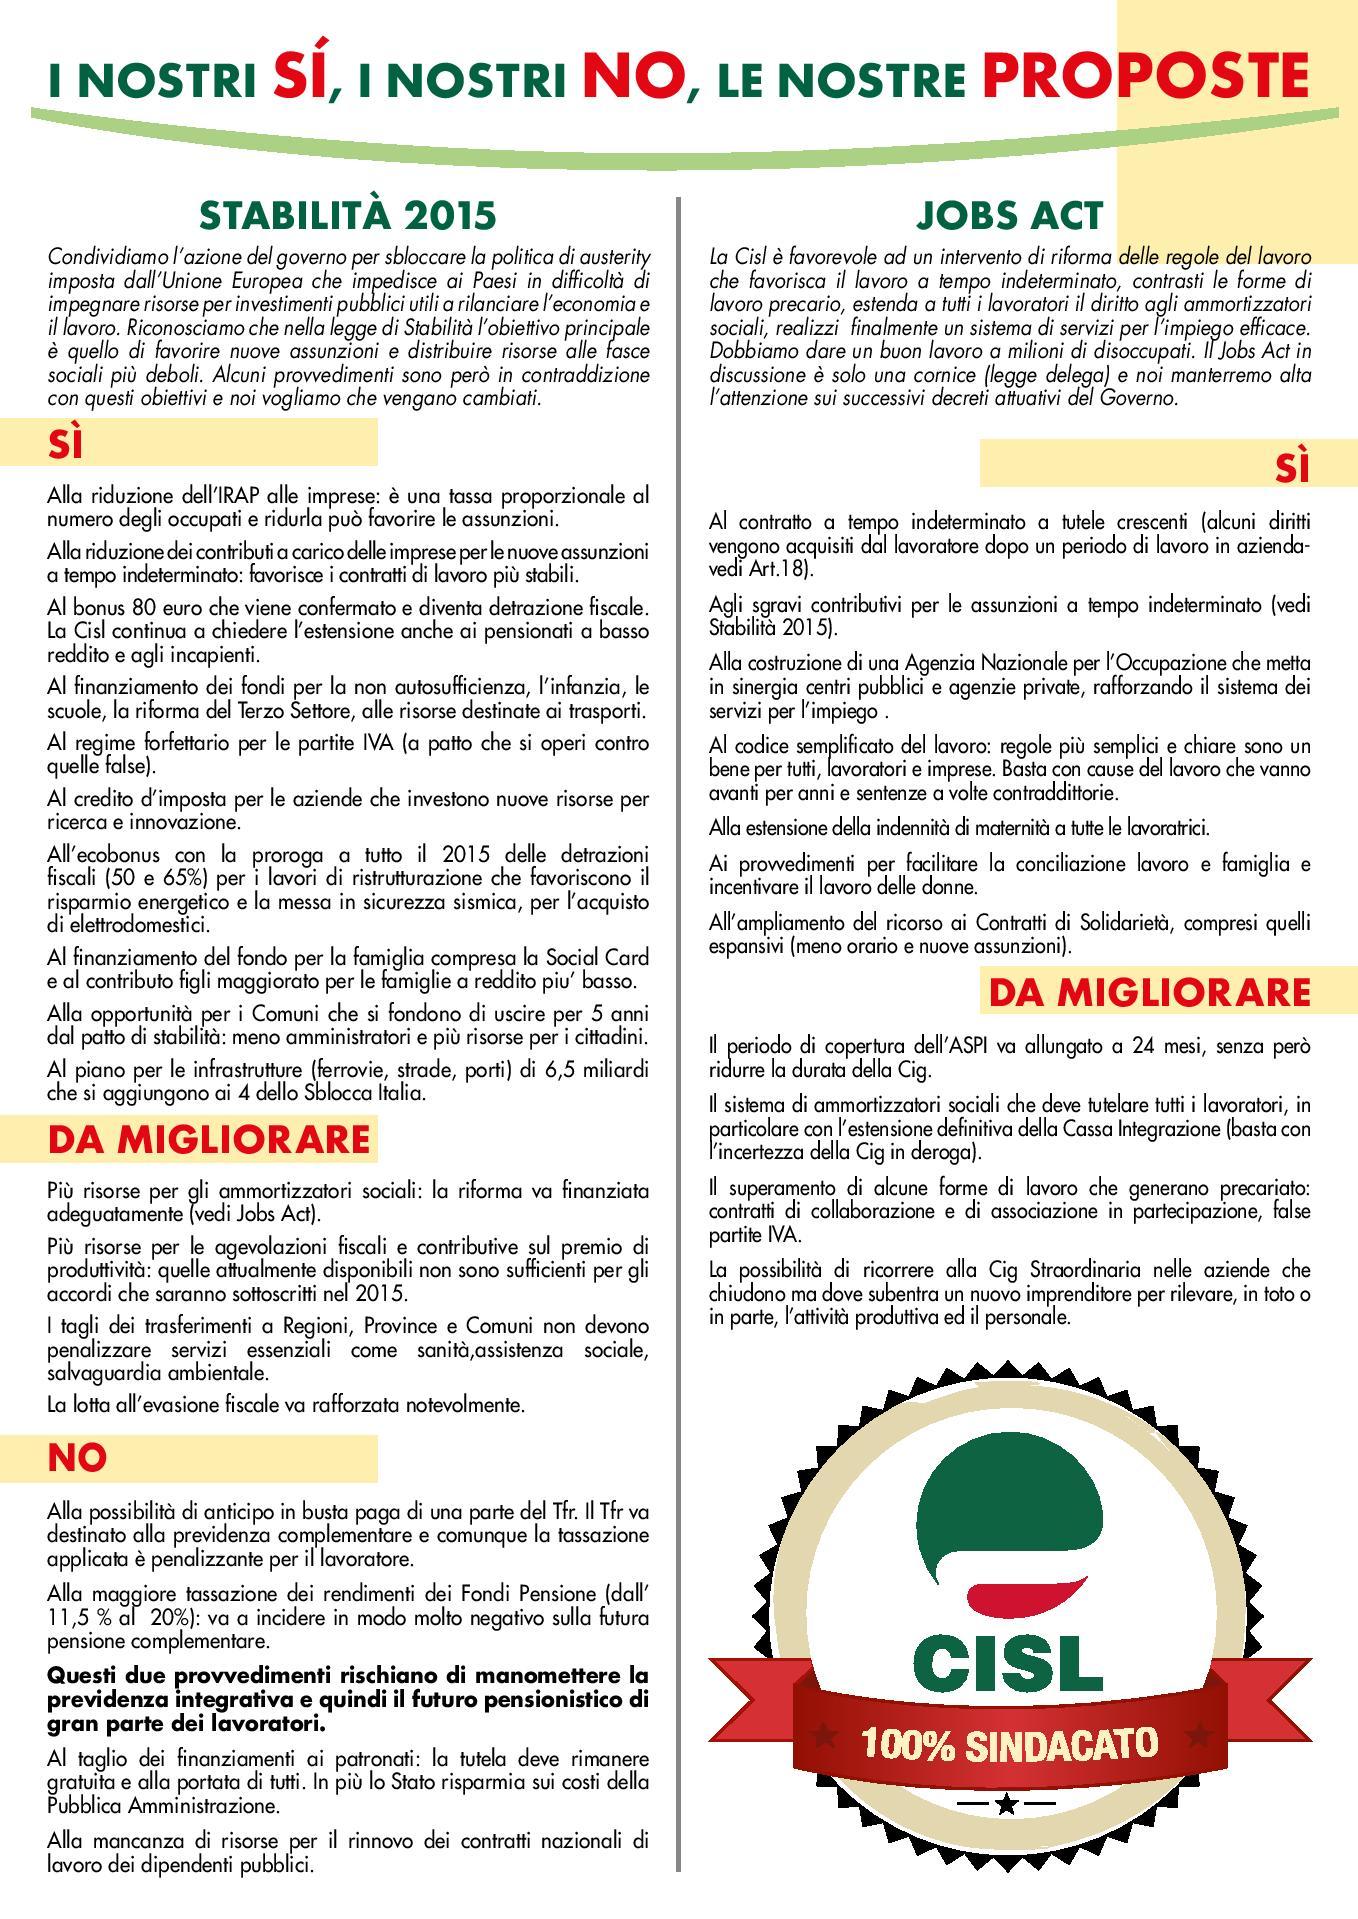 corr_2_12_2014_V_LAVORIAMO X CAMBIARE-page-002